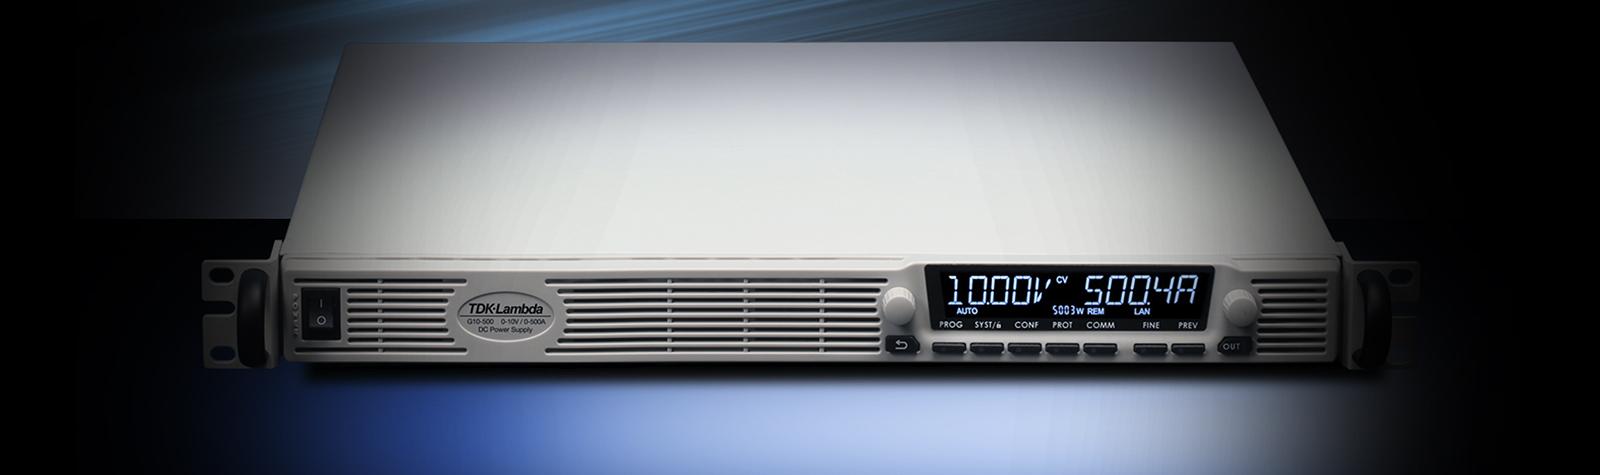 De NIEUWE Genesys+™ : 5 kW in 1U  –  het meeste vermogen in de compactste behuizing